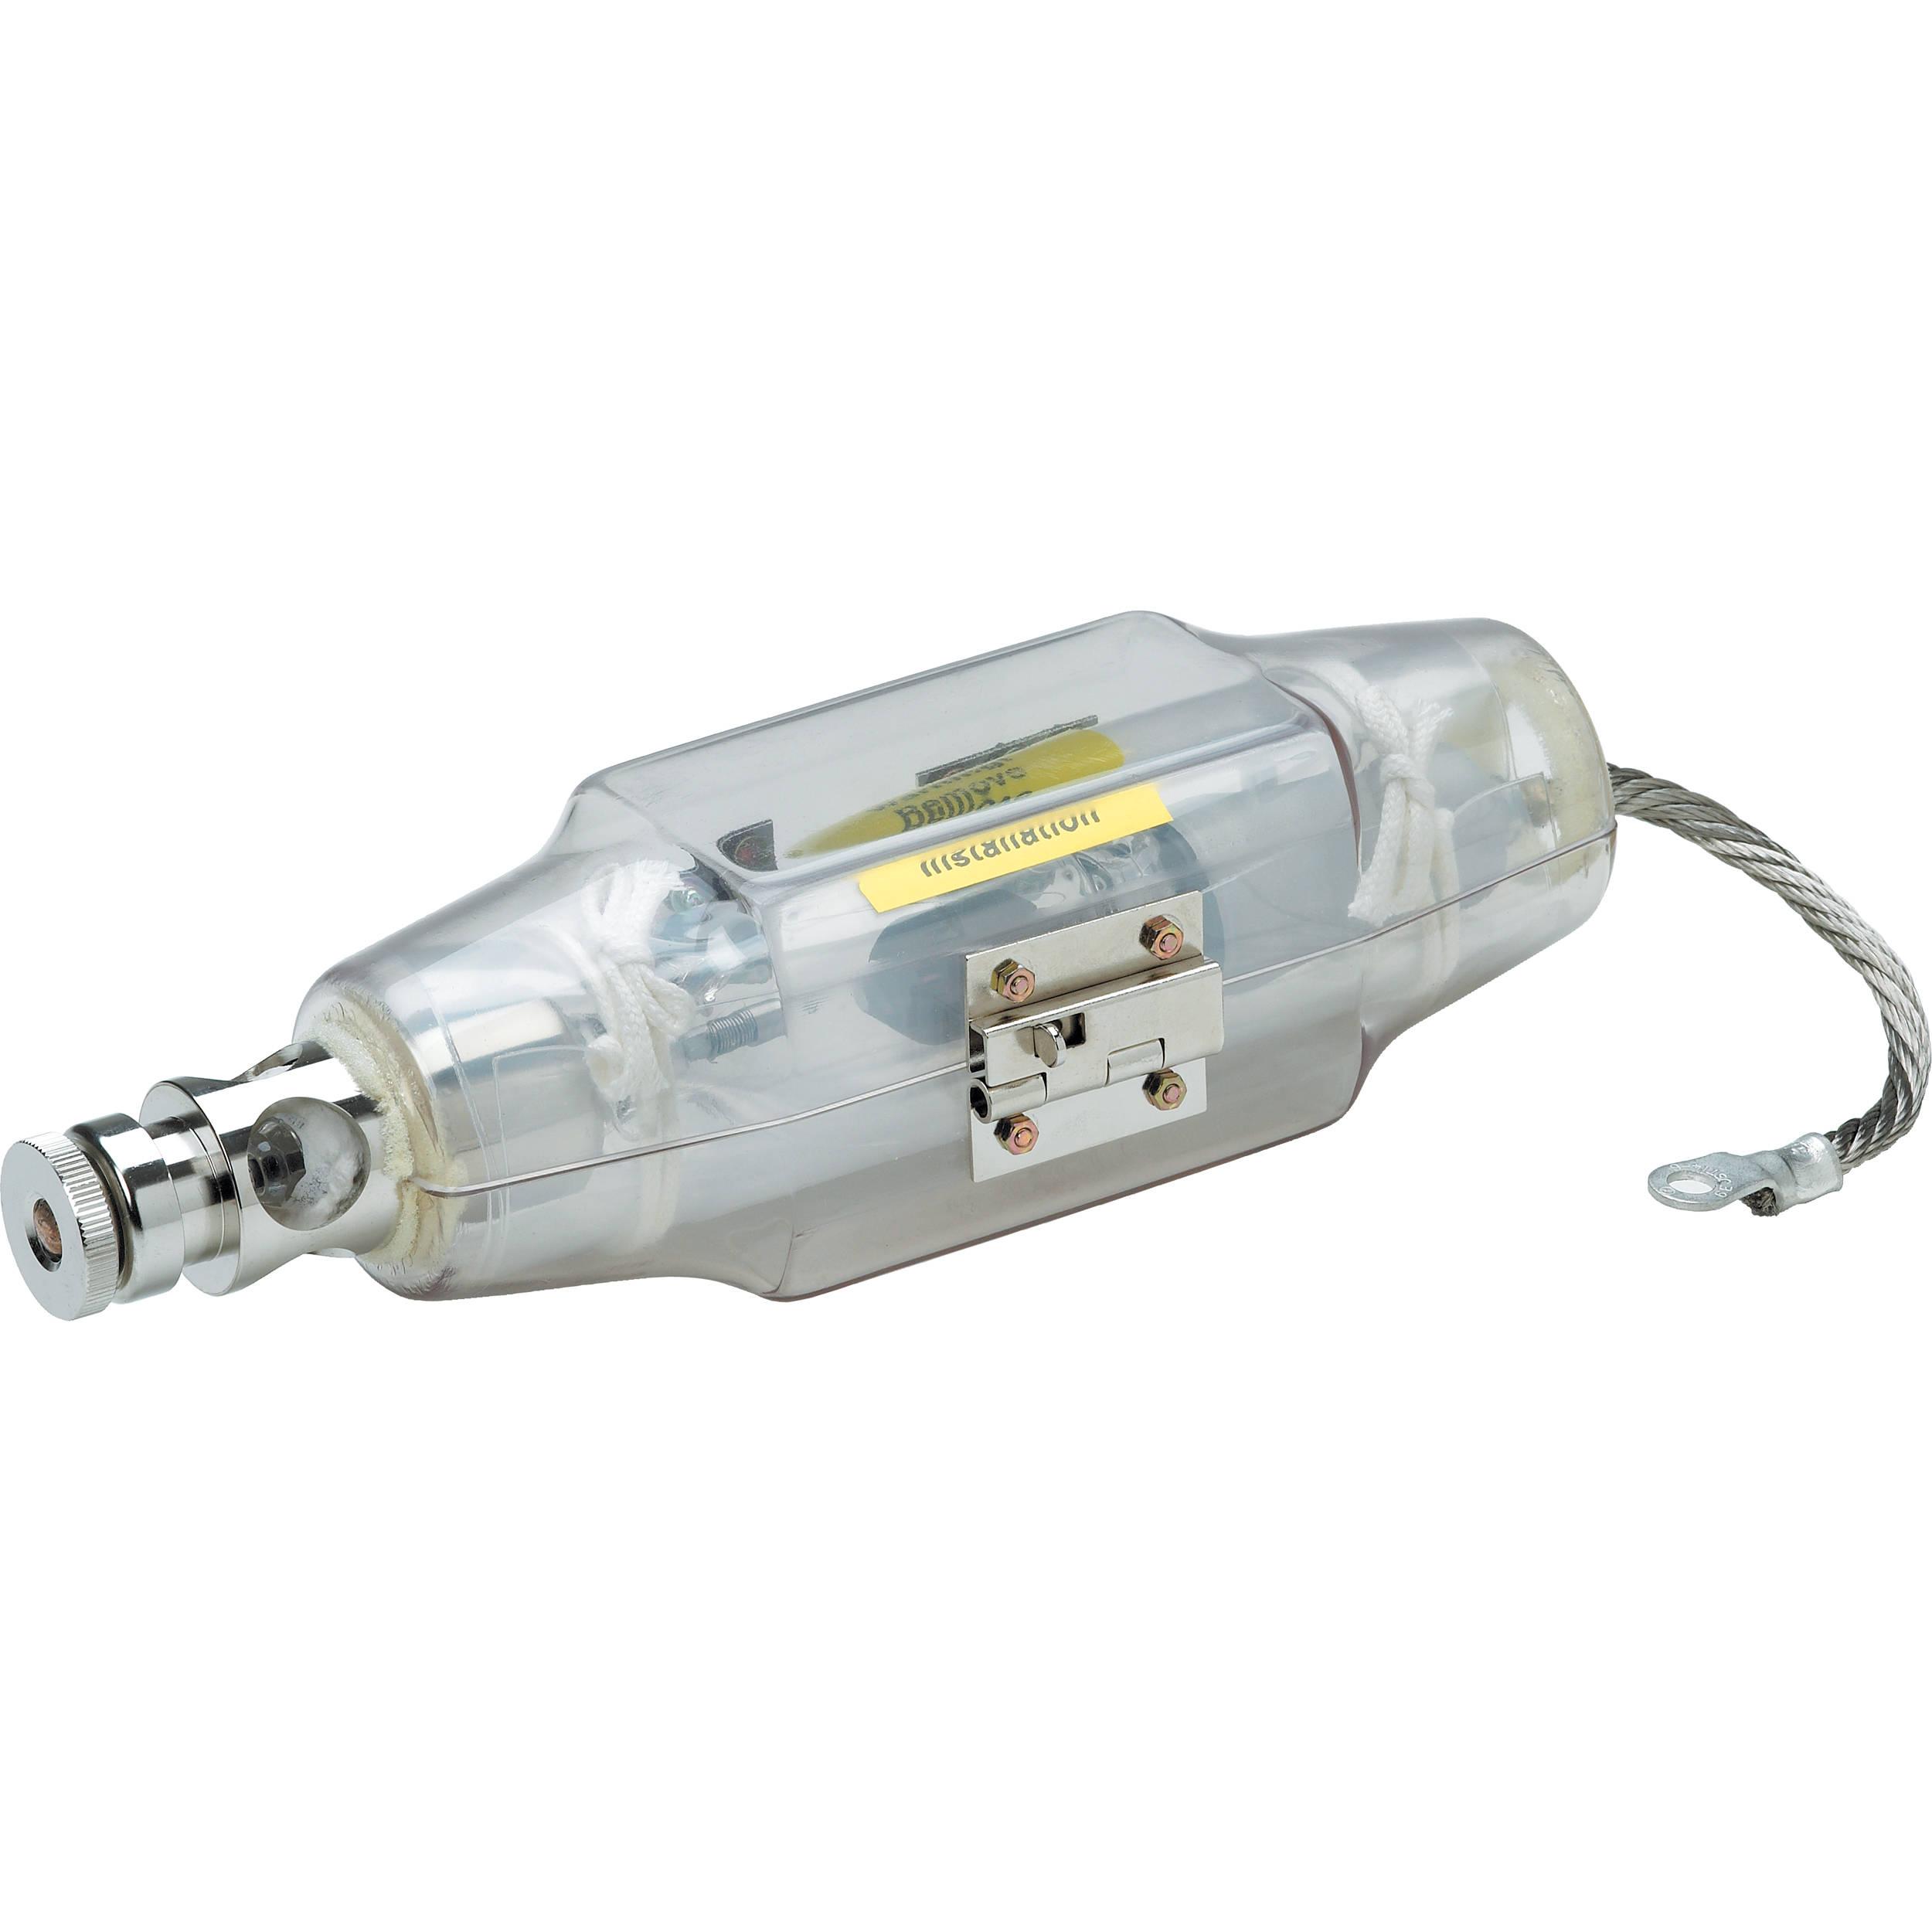 Christie 03-000883-01P 2.4kW Xenon Lamp Bare Bulb 03-000883-01P